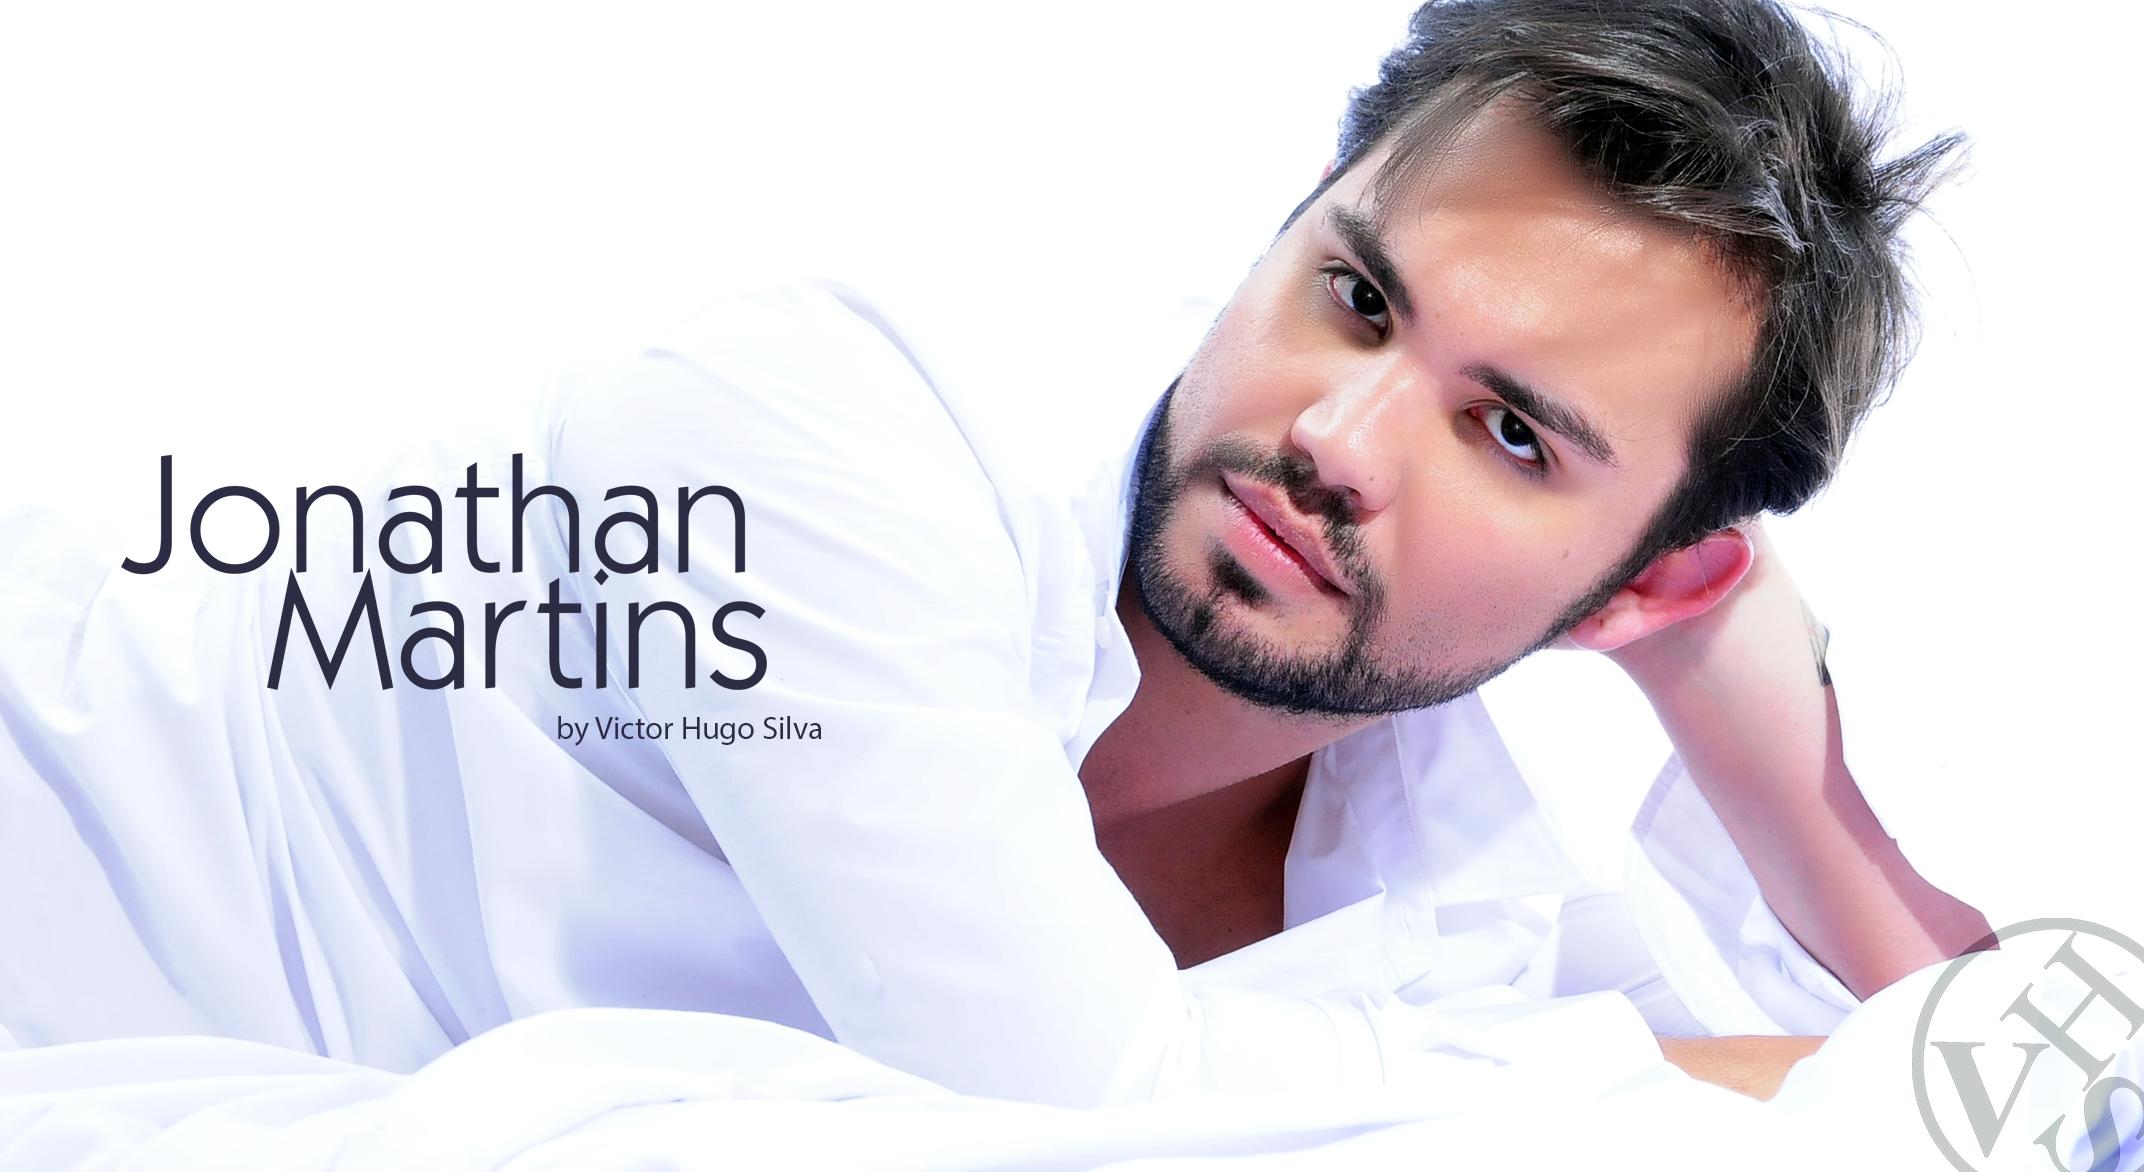 Jonathan Martins